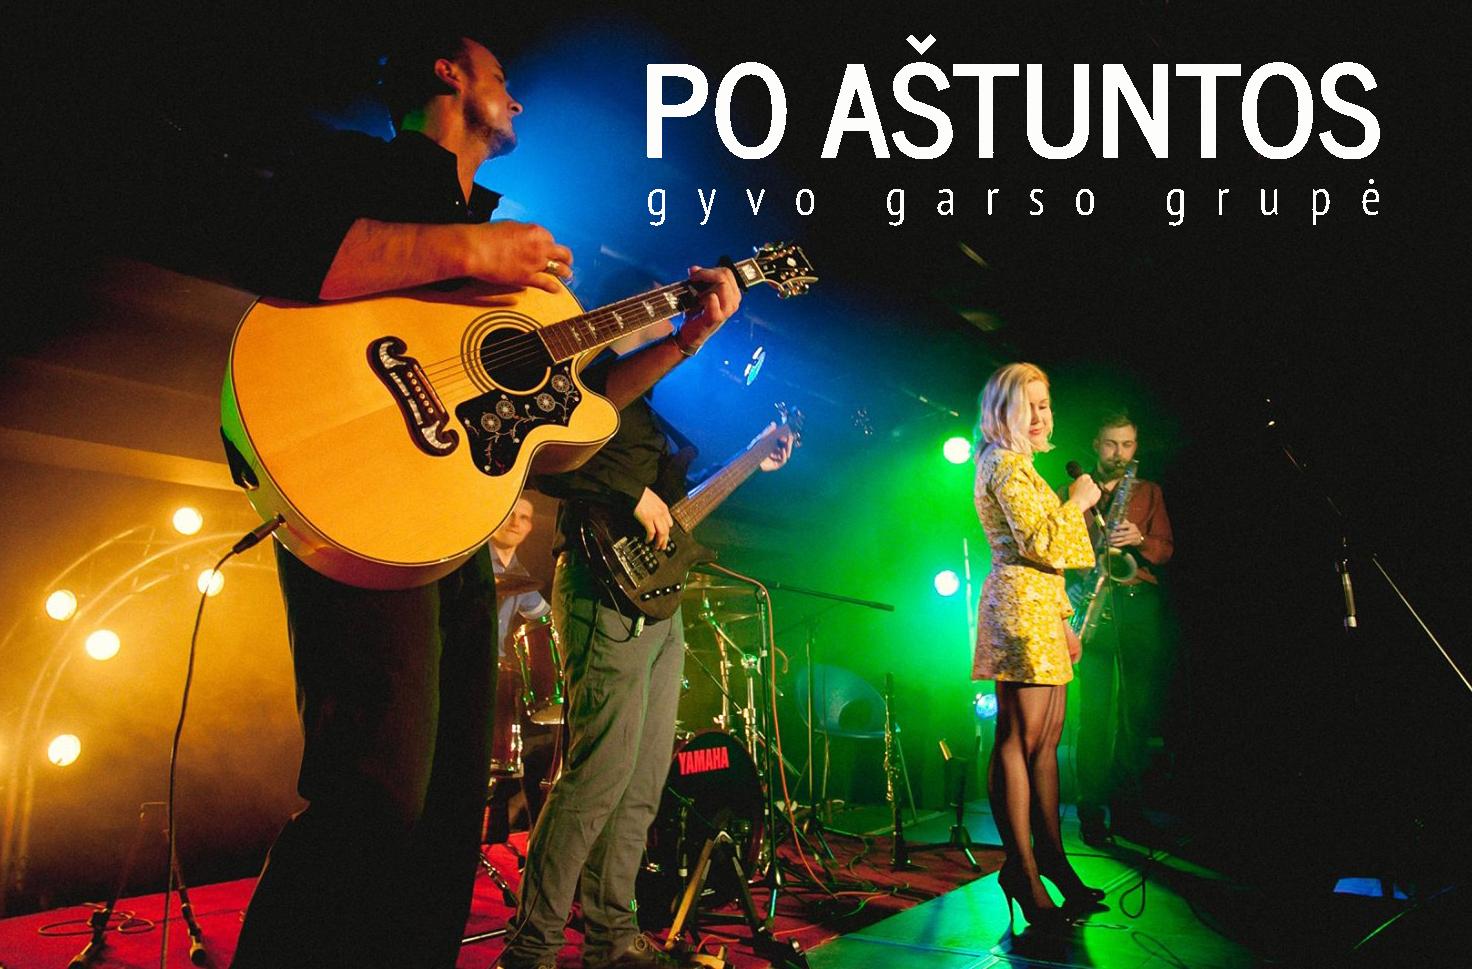 http://laisvadiena.lt/upload/25_Groja-gyvos-muzikos-grupe-PO-ASTUNTOS.jpg